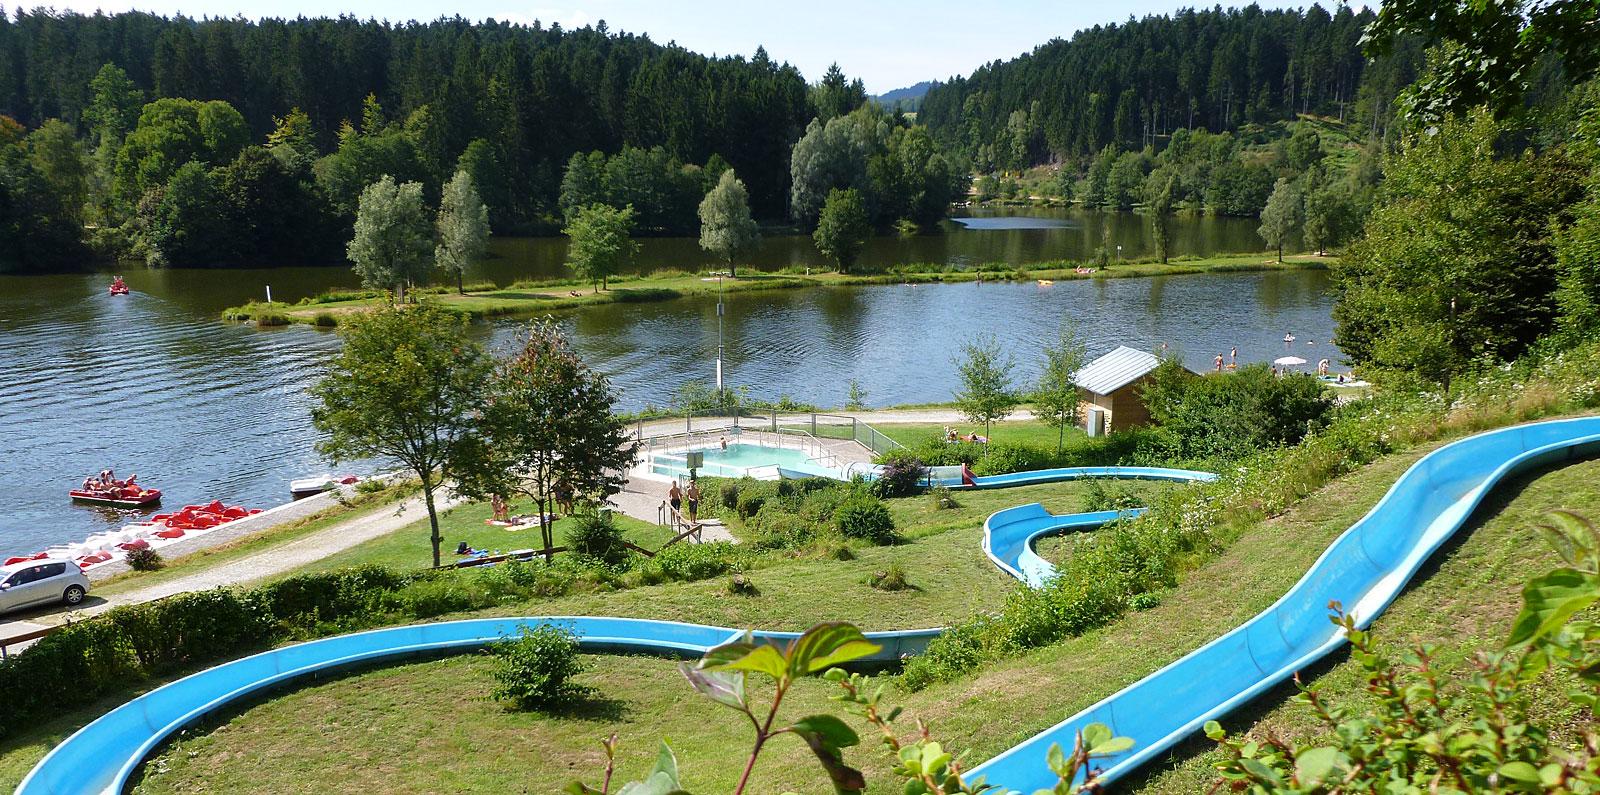 Ranasee in Bayern